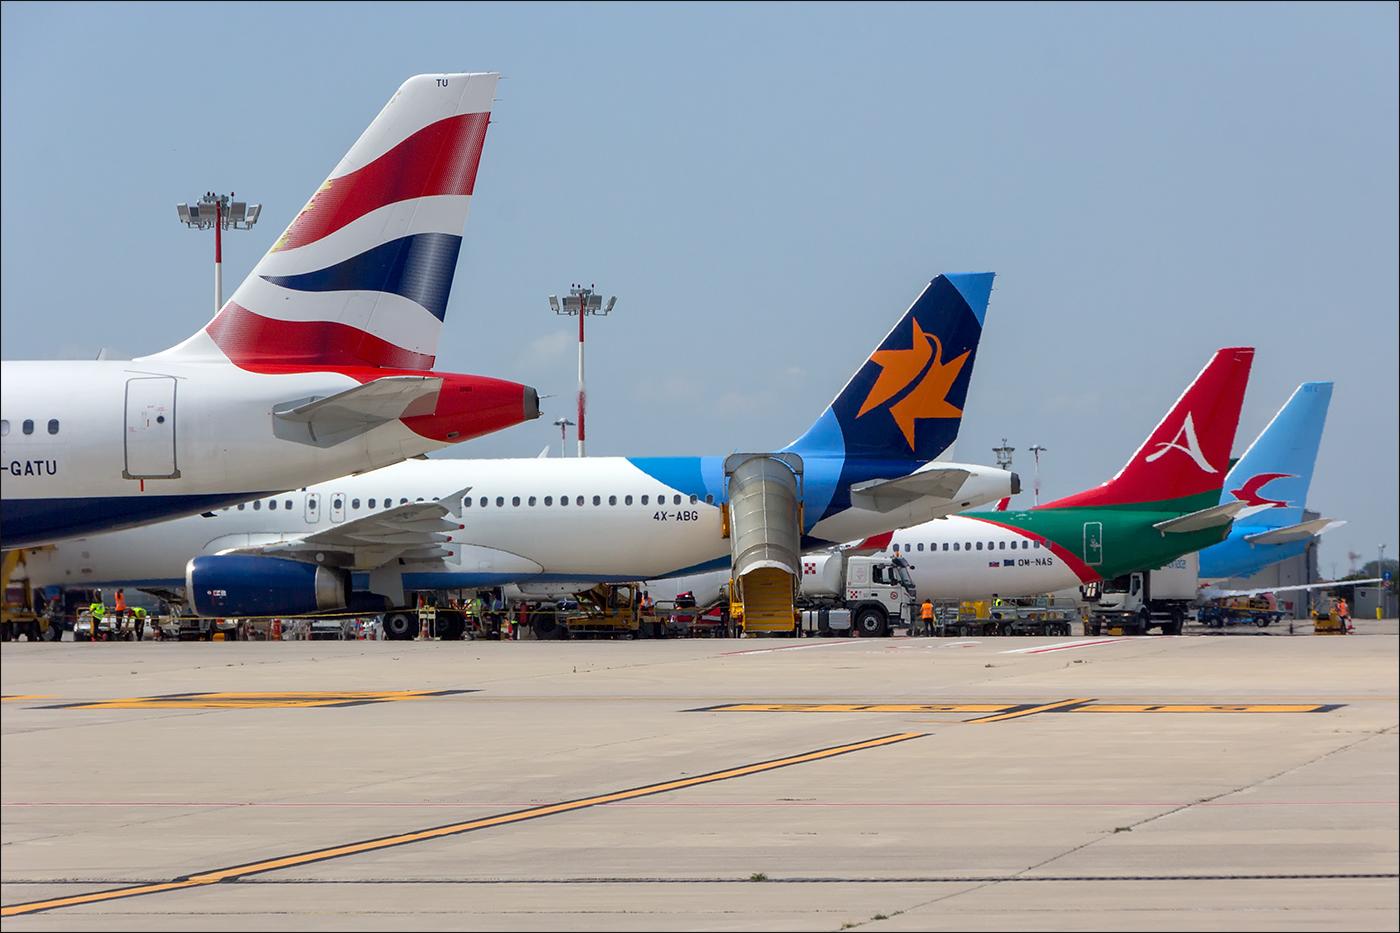 Aeroporto di Verona: le rotte più trafficate del 2020